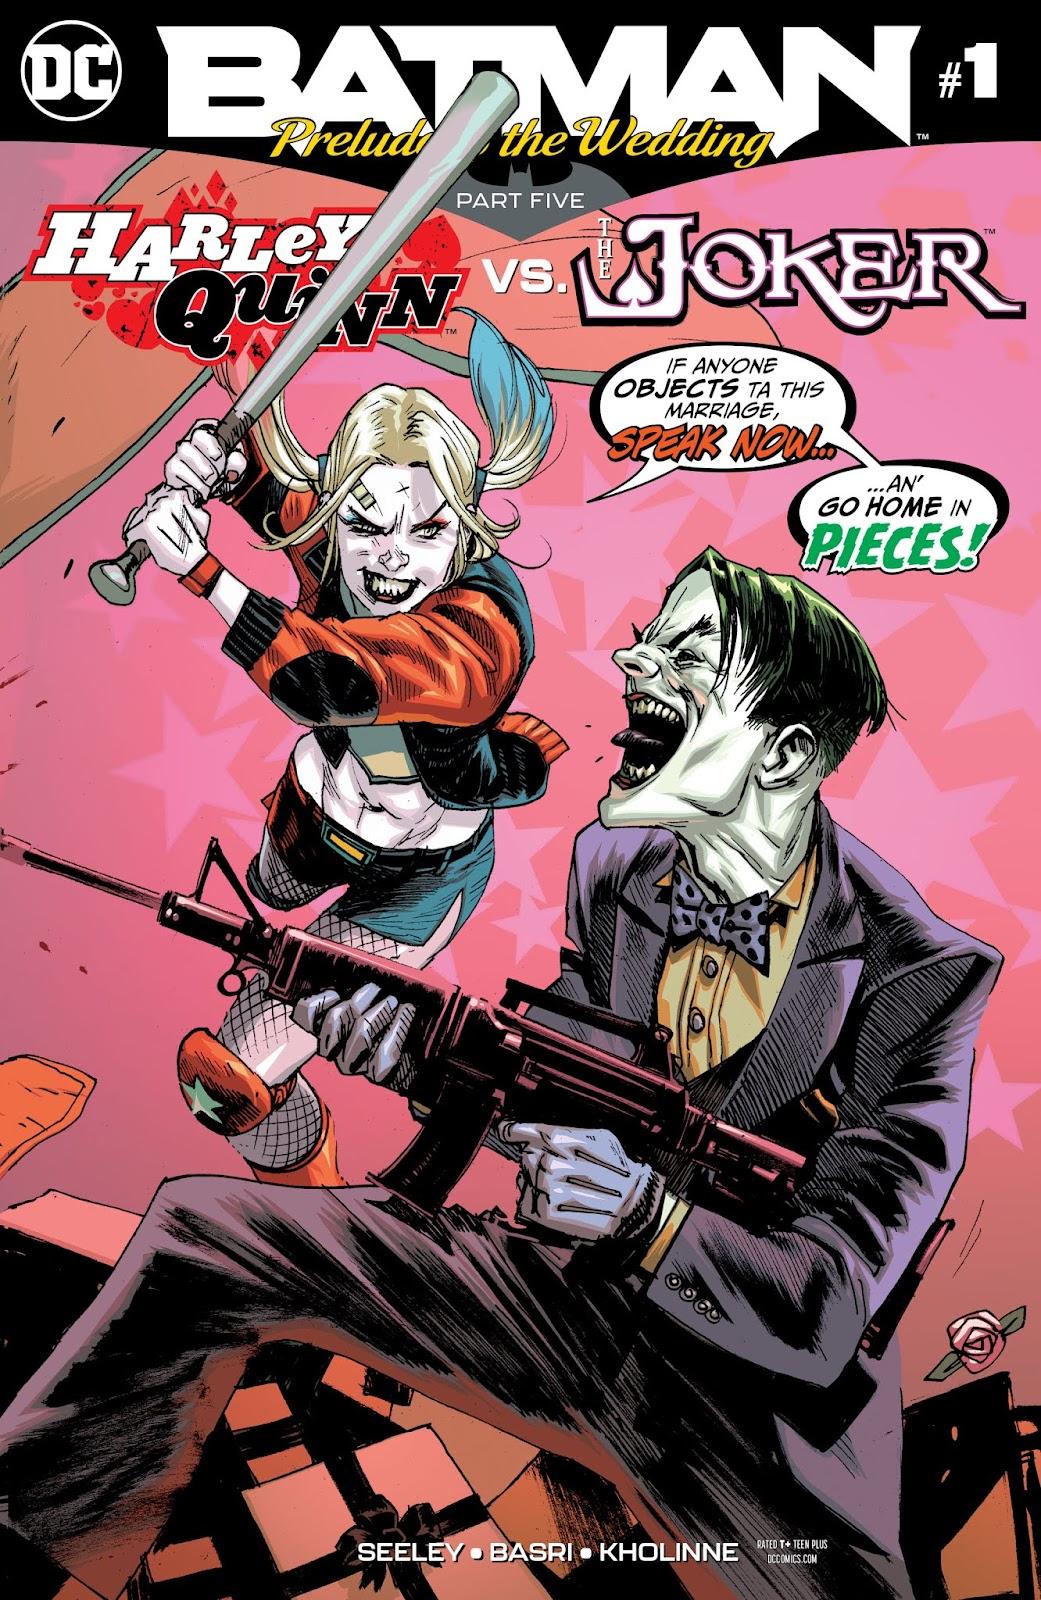 Read online Batman: Prelude to the Wedding: Harley Quinn vs. Joker comic -  Issue # Full - 1